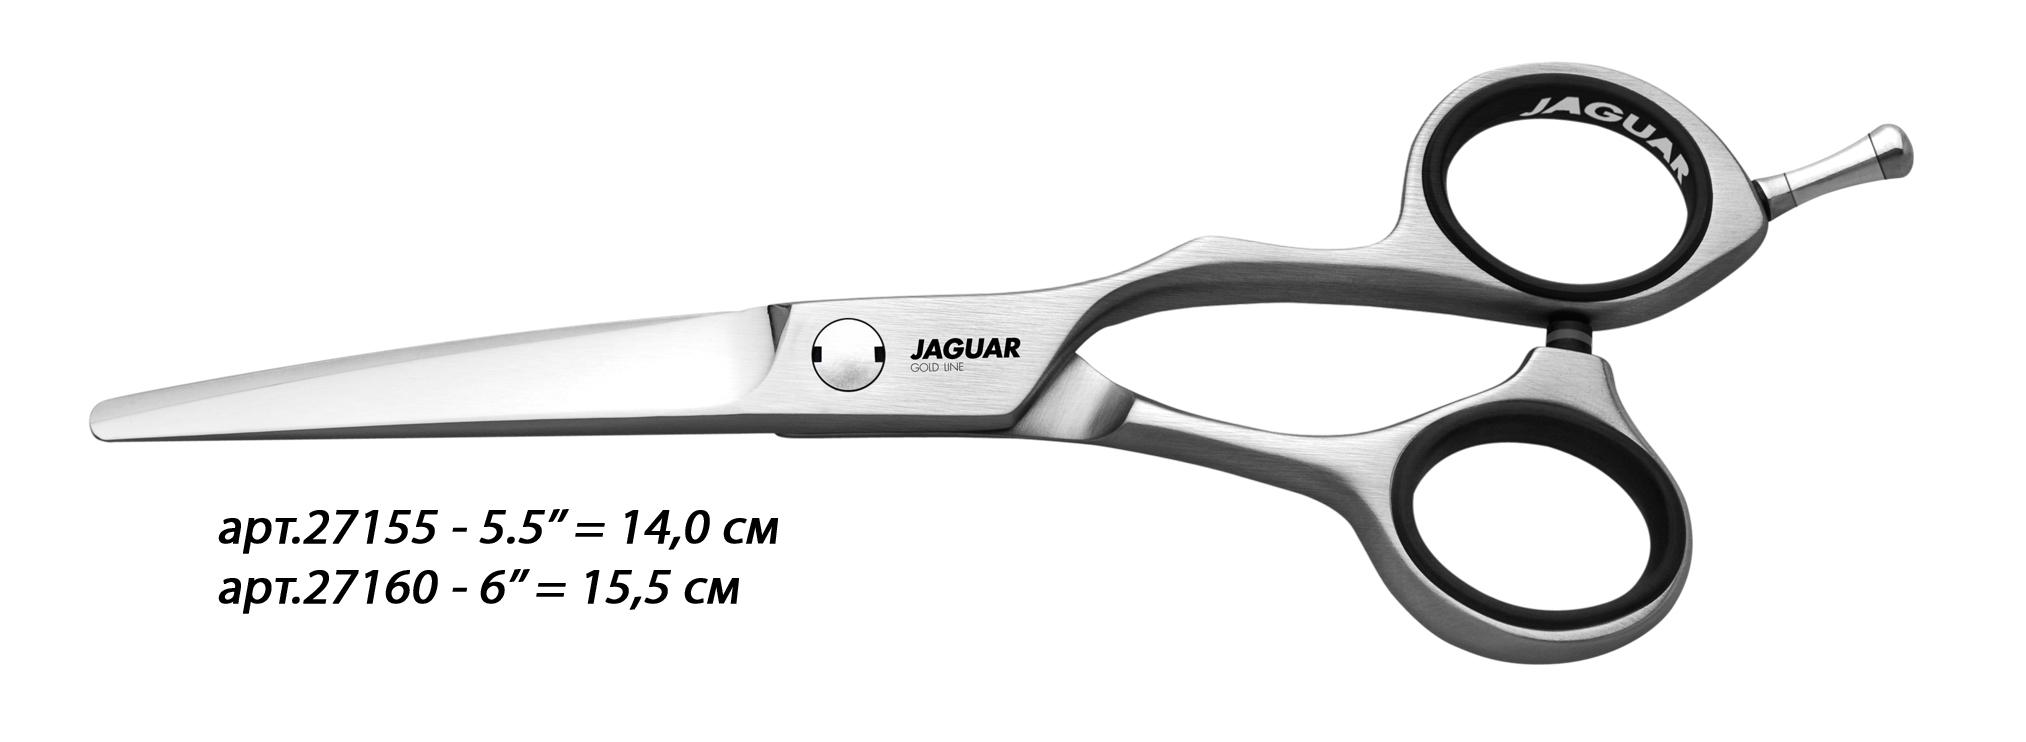 JAGUAR Ножницы Jaguar Xenox 5,5'(14cm)GL jaguar ножницы xenox gl 2 вида 1 шт 27160 6 15 5cm